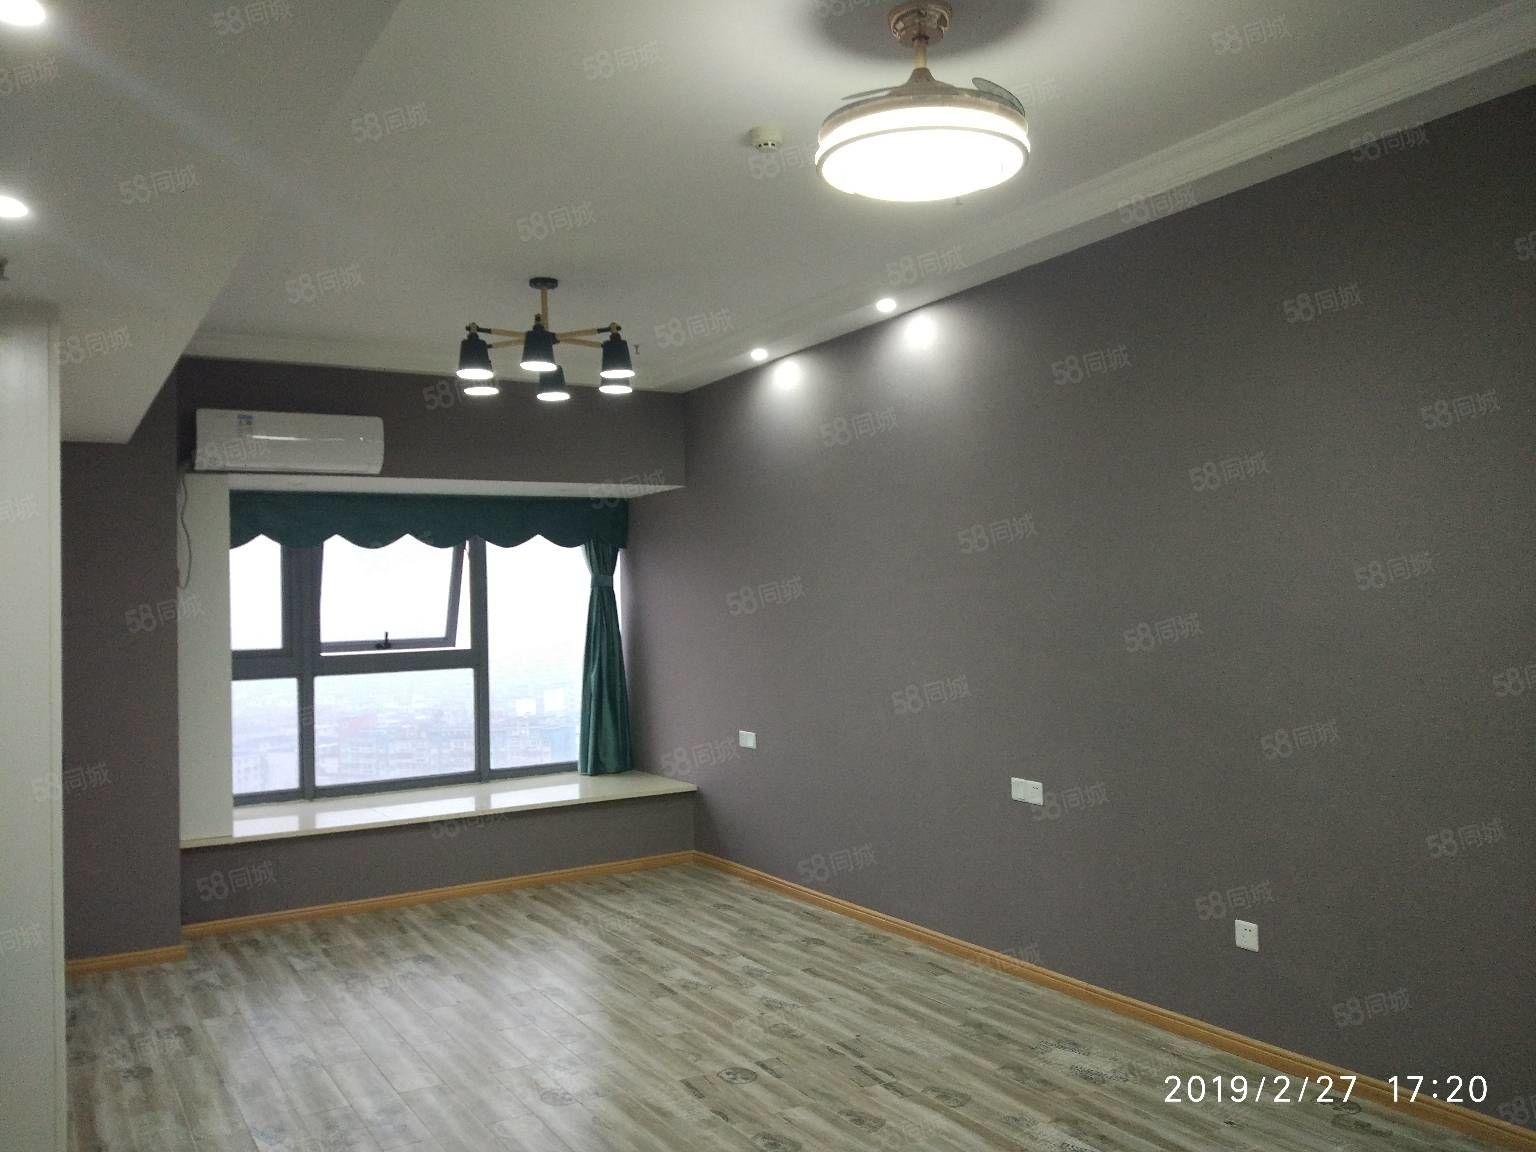 潤達國際北公寓全新裝修首次出租商住兩用